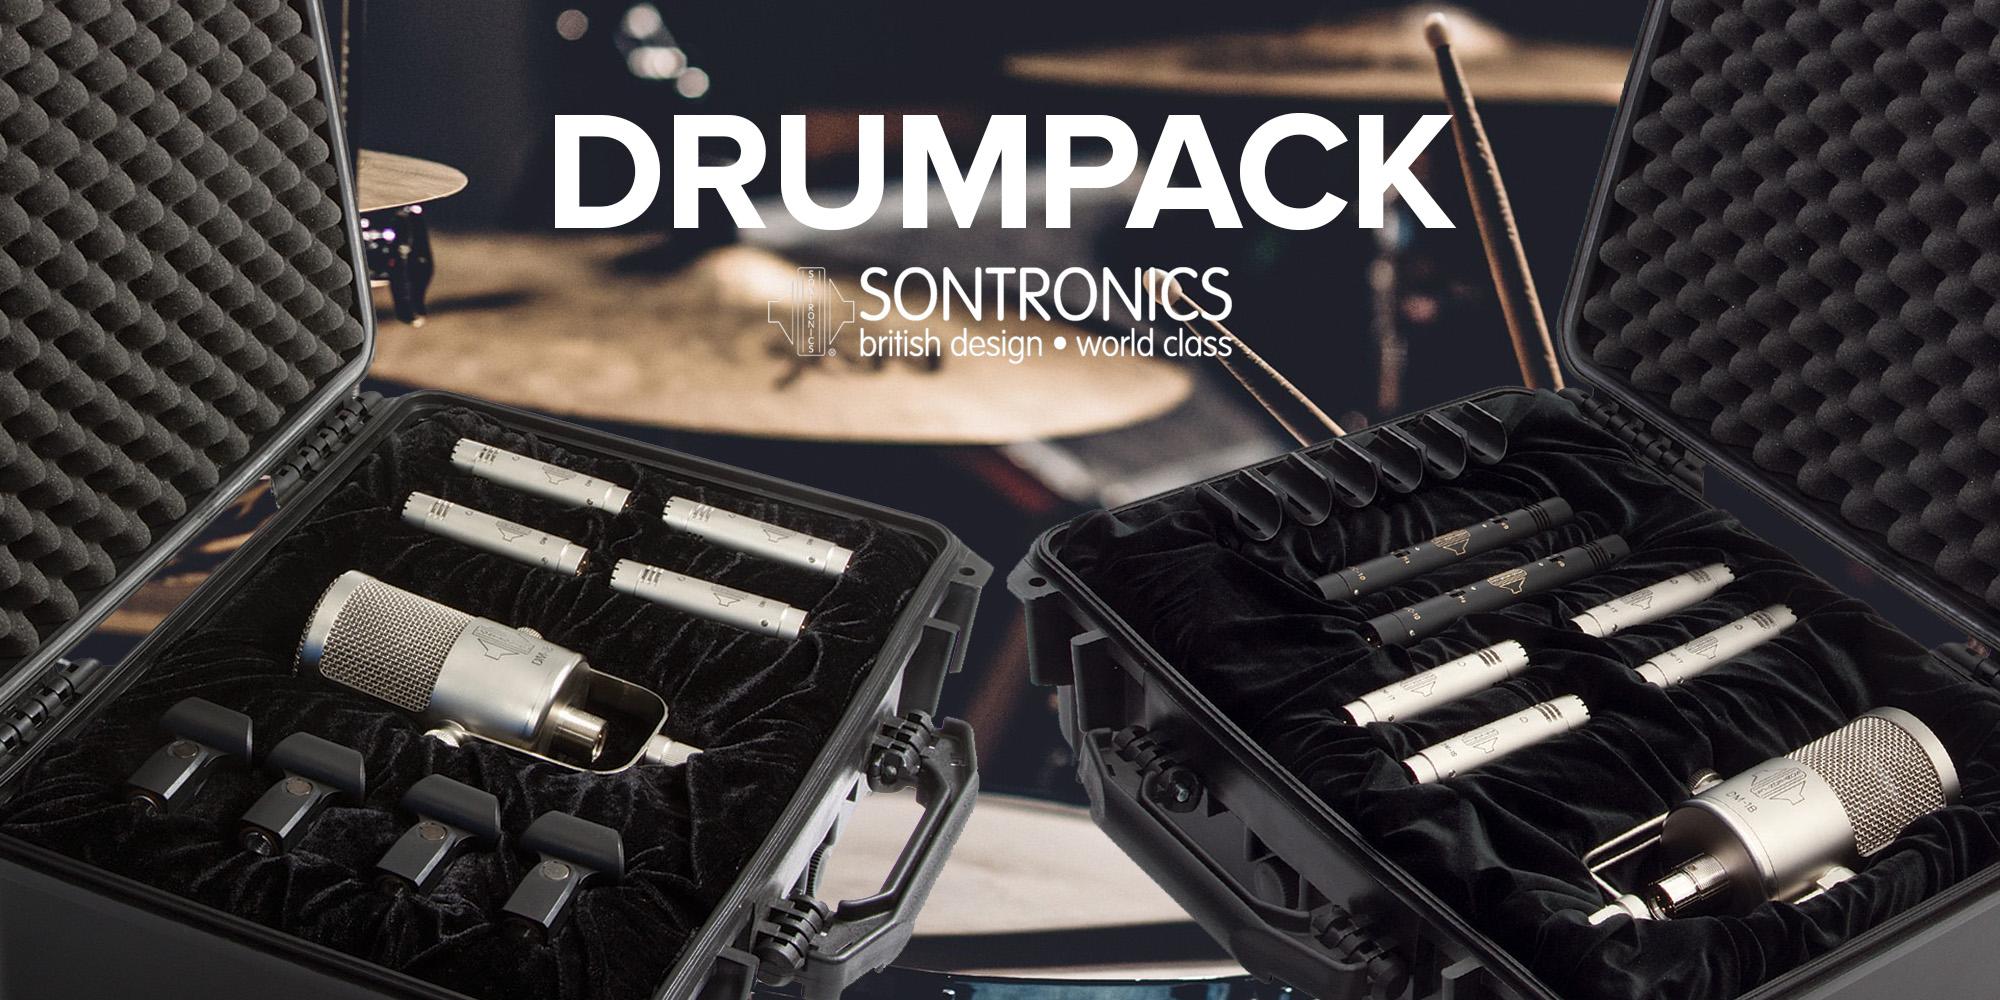 Sontronics DRUMPACK – Paket av prisbelönade trummikrofoner